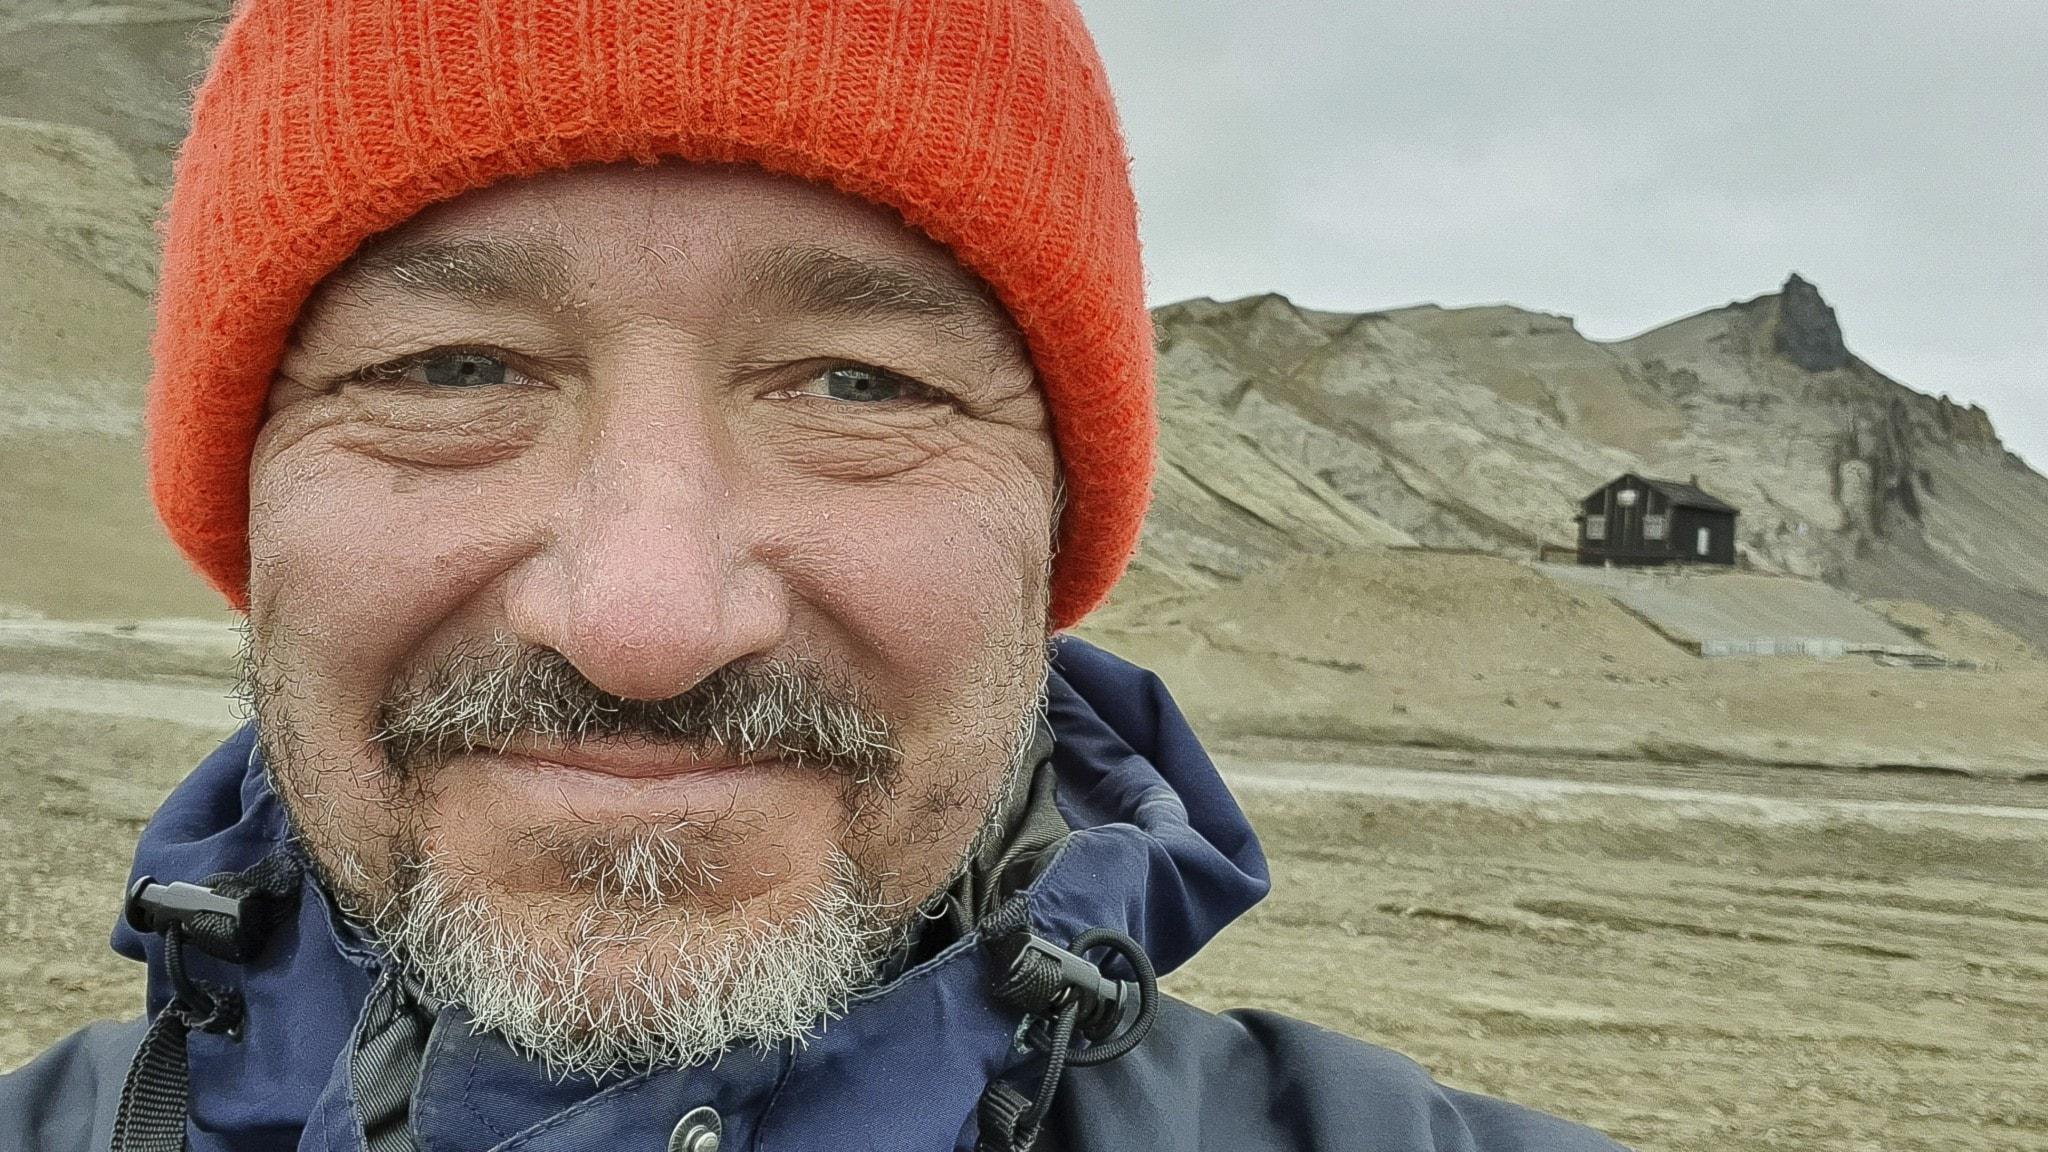 Polarforskaren som vill rädda kulturminnen i kylan